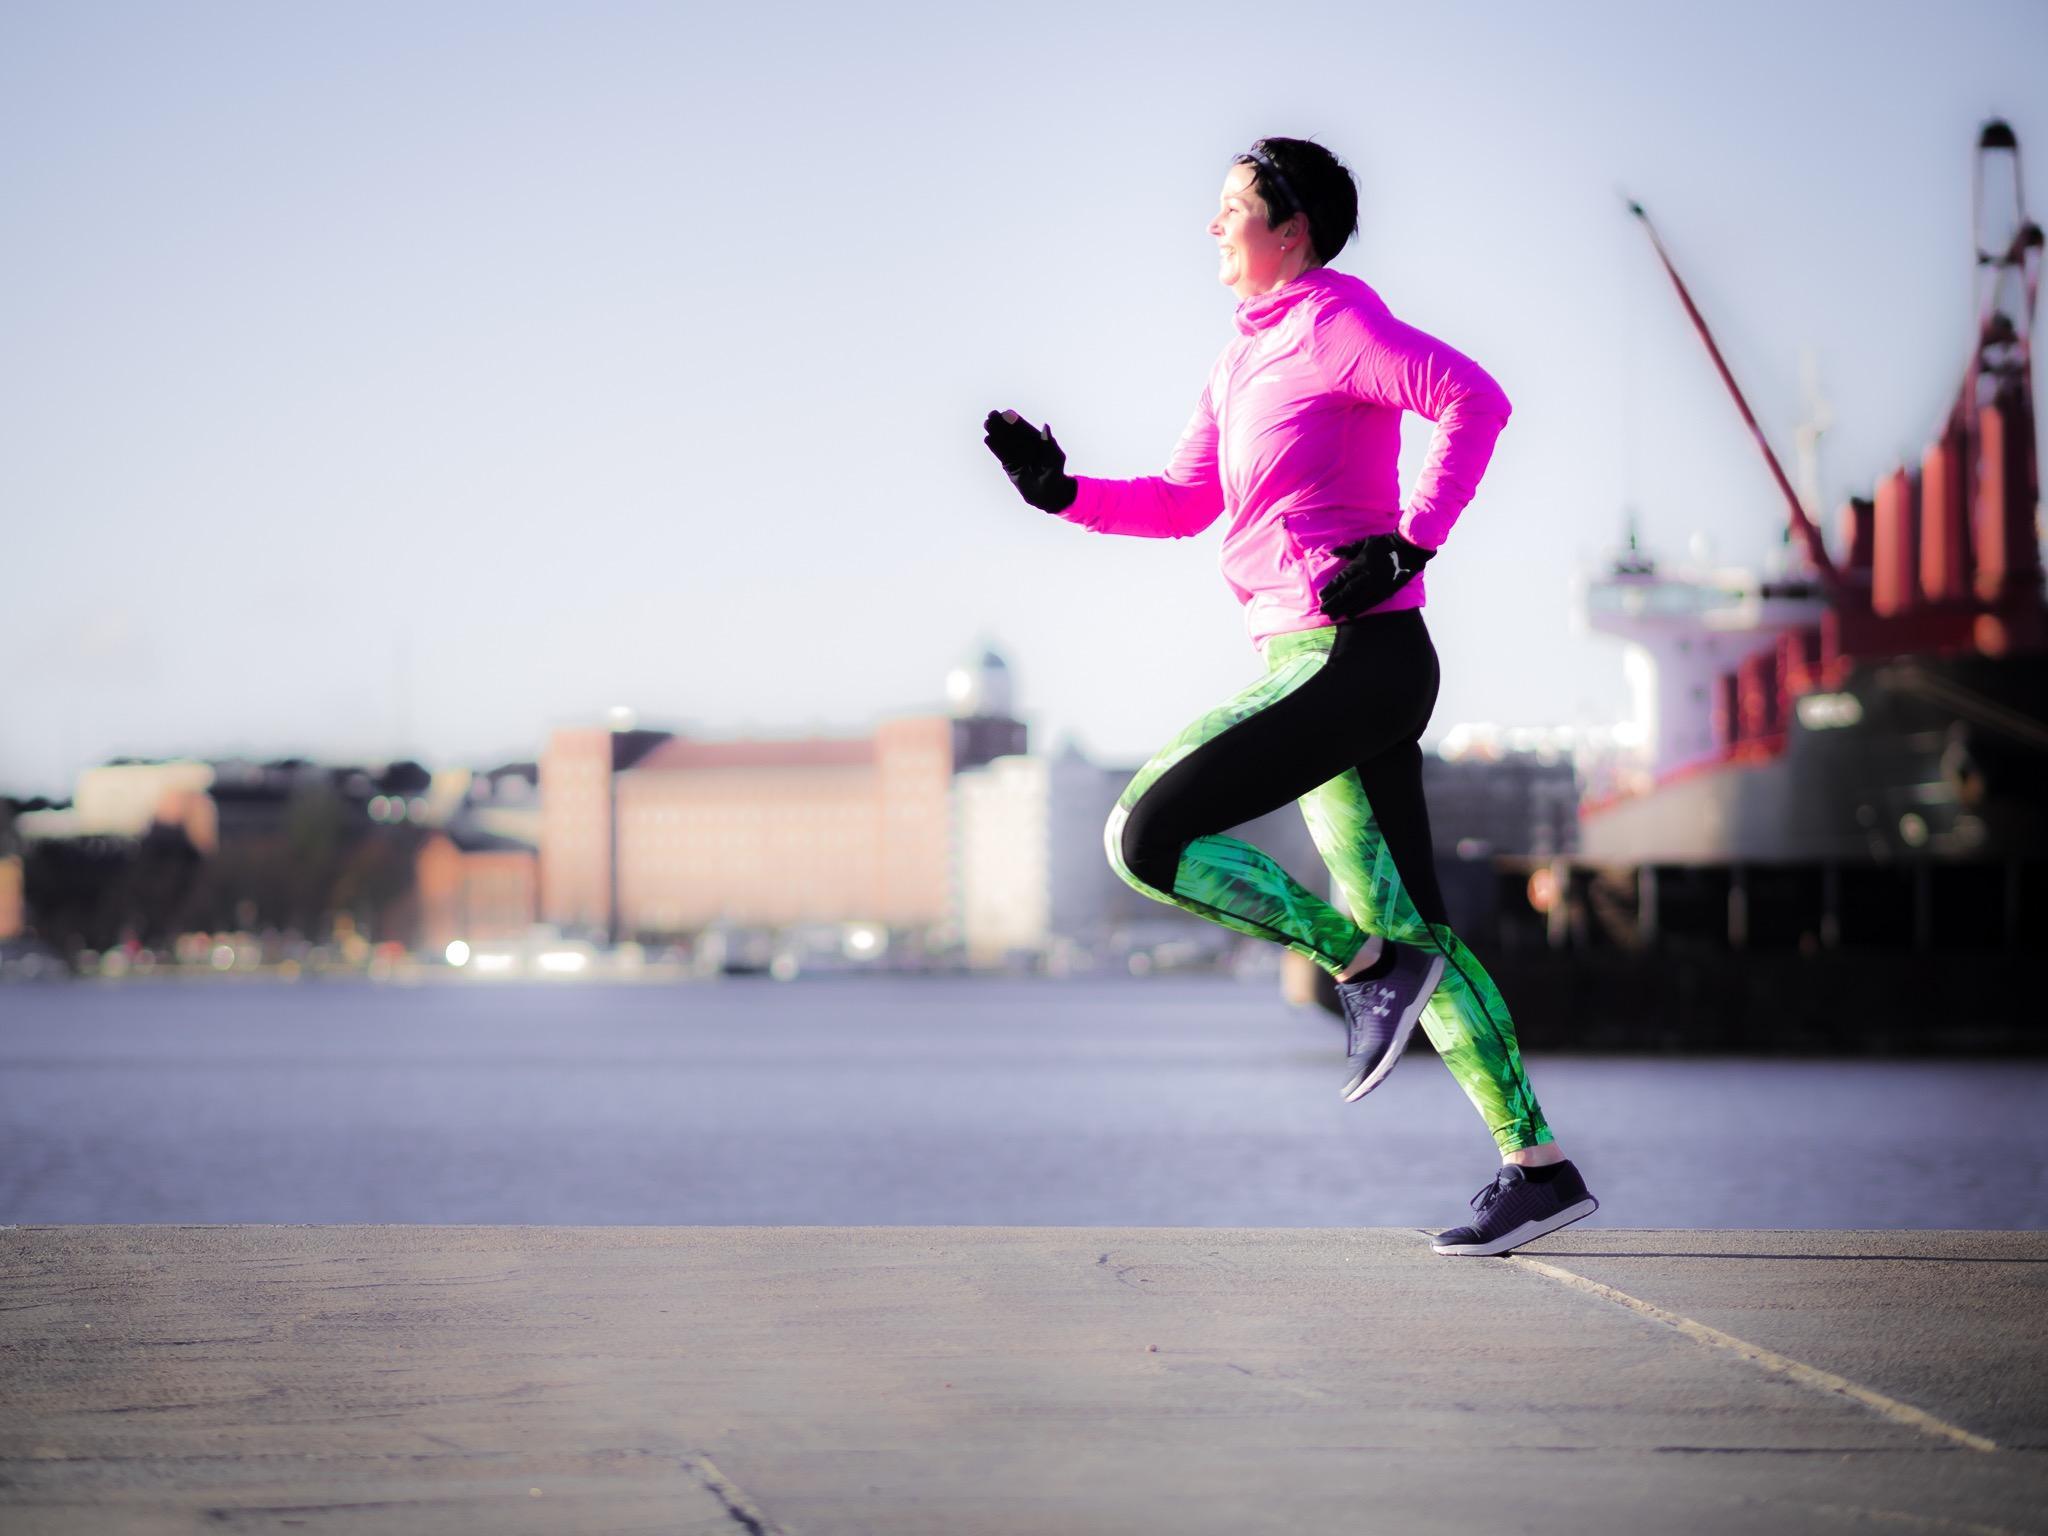 Yksi juoksemisen parhaita puolia on yhteisöllisyys